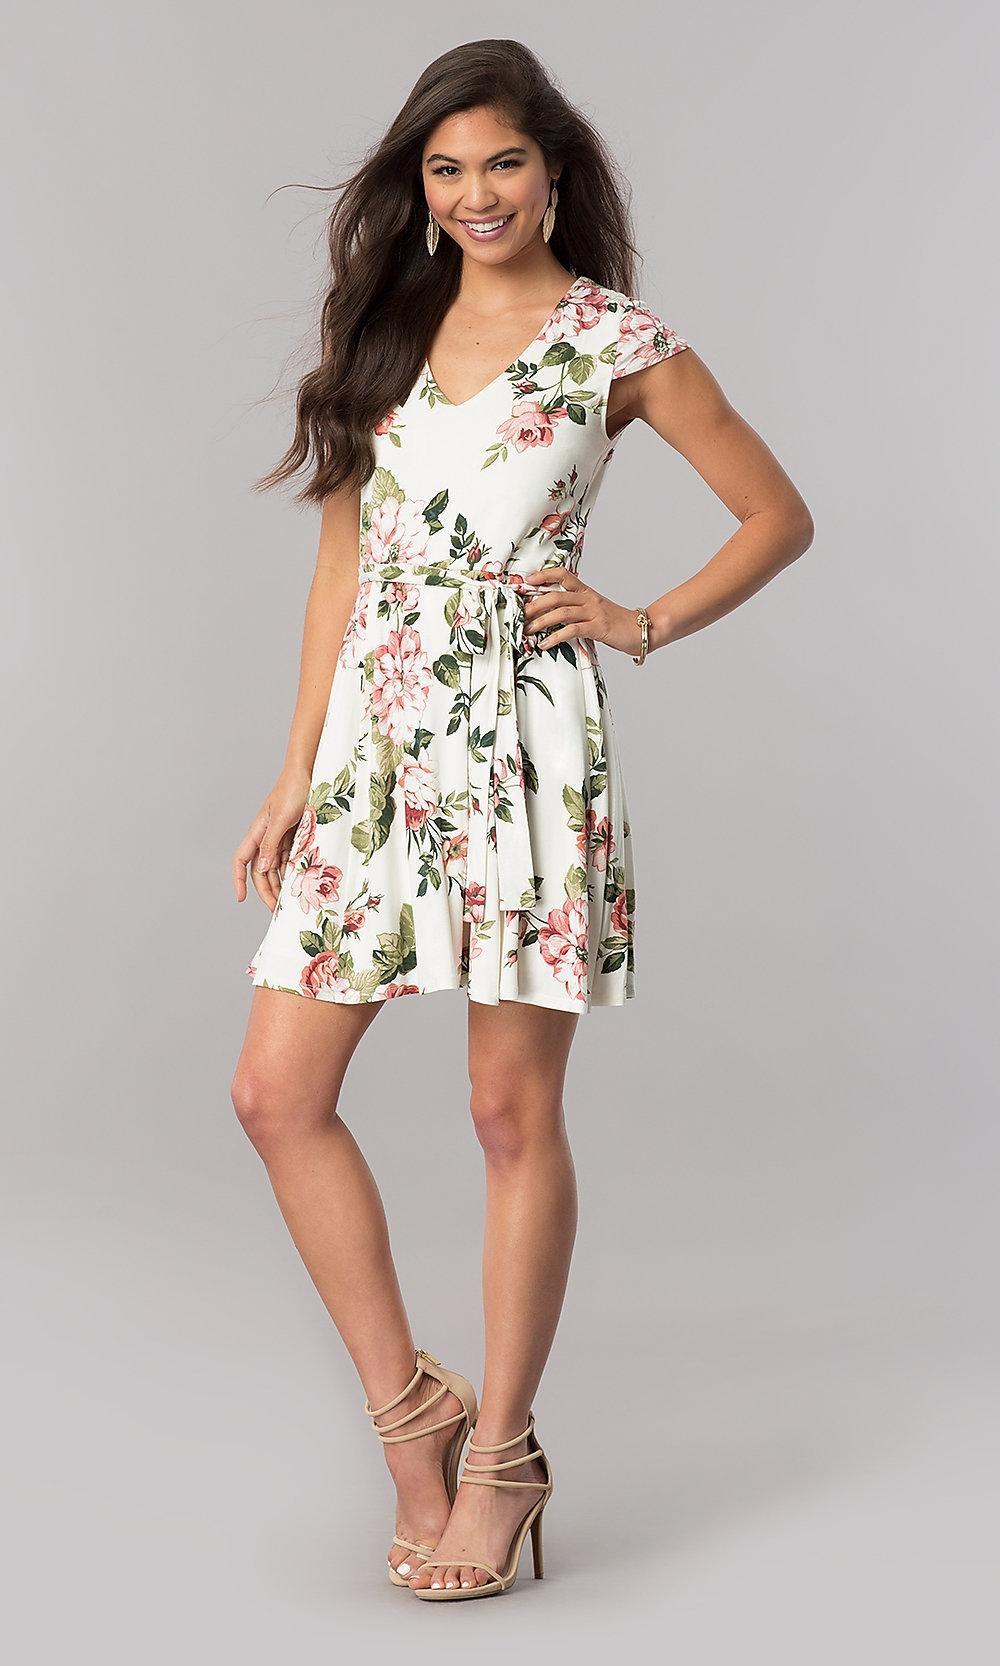 cap sleeve cheap short casual print dress promgirl